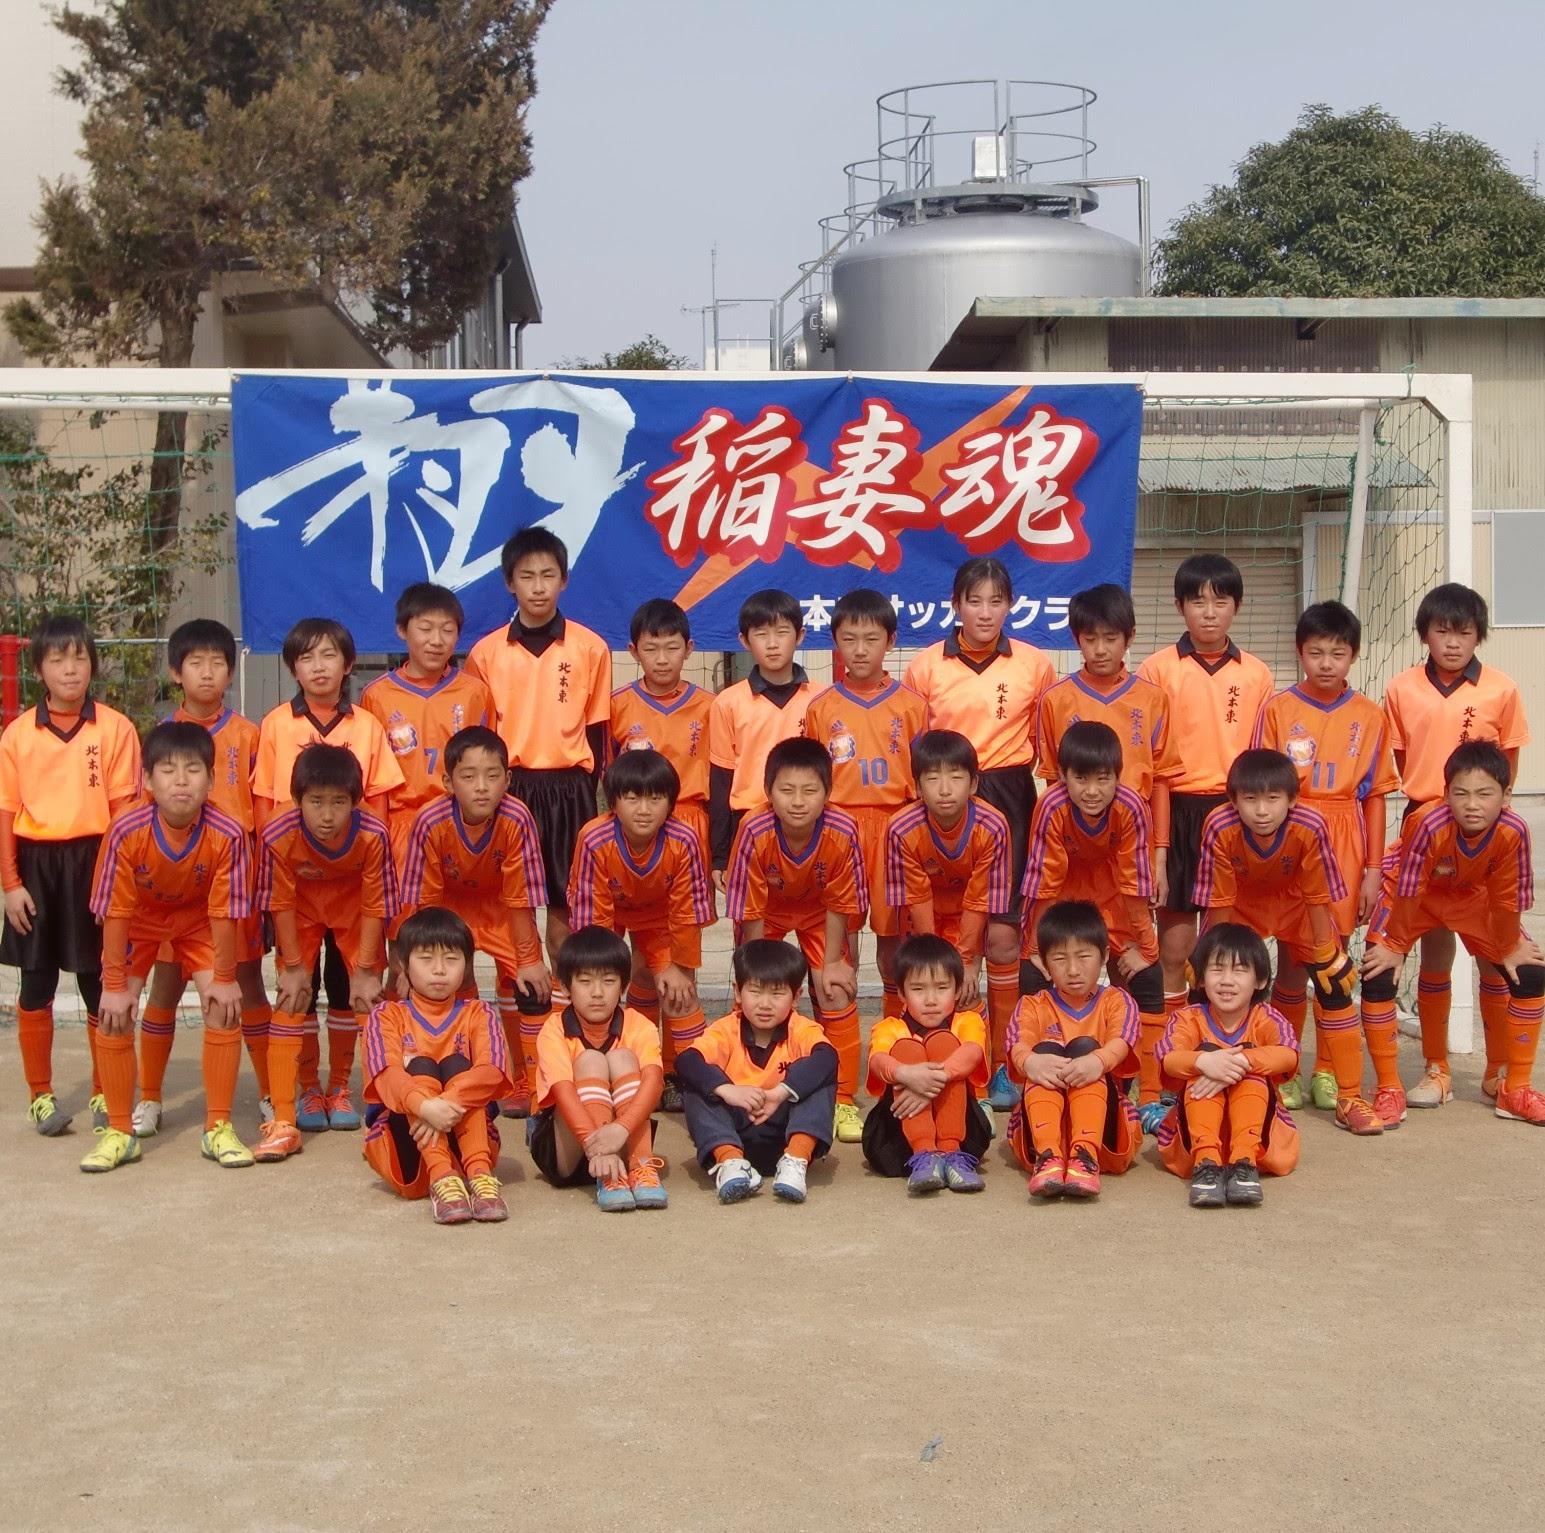 スポーツ少年団北本東サッカークラブ